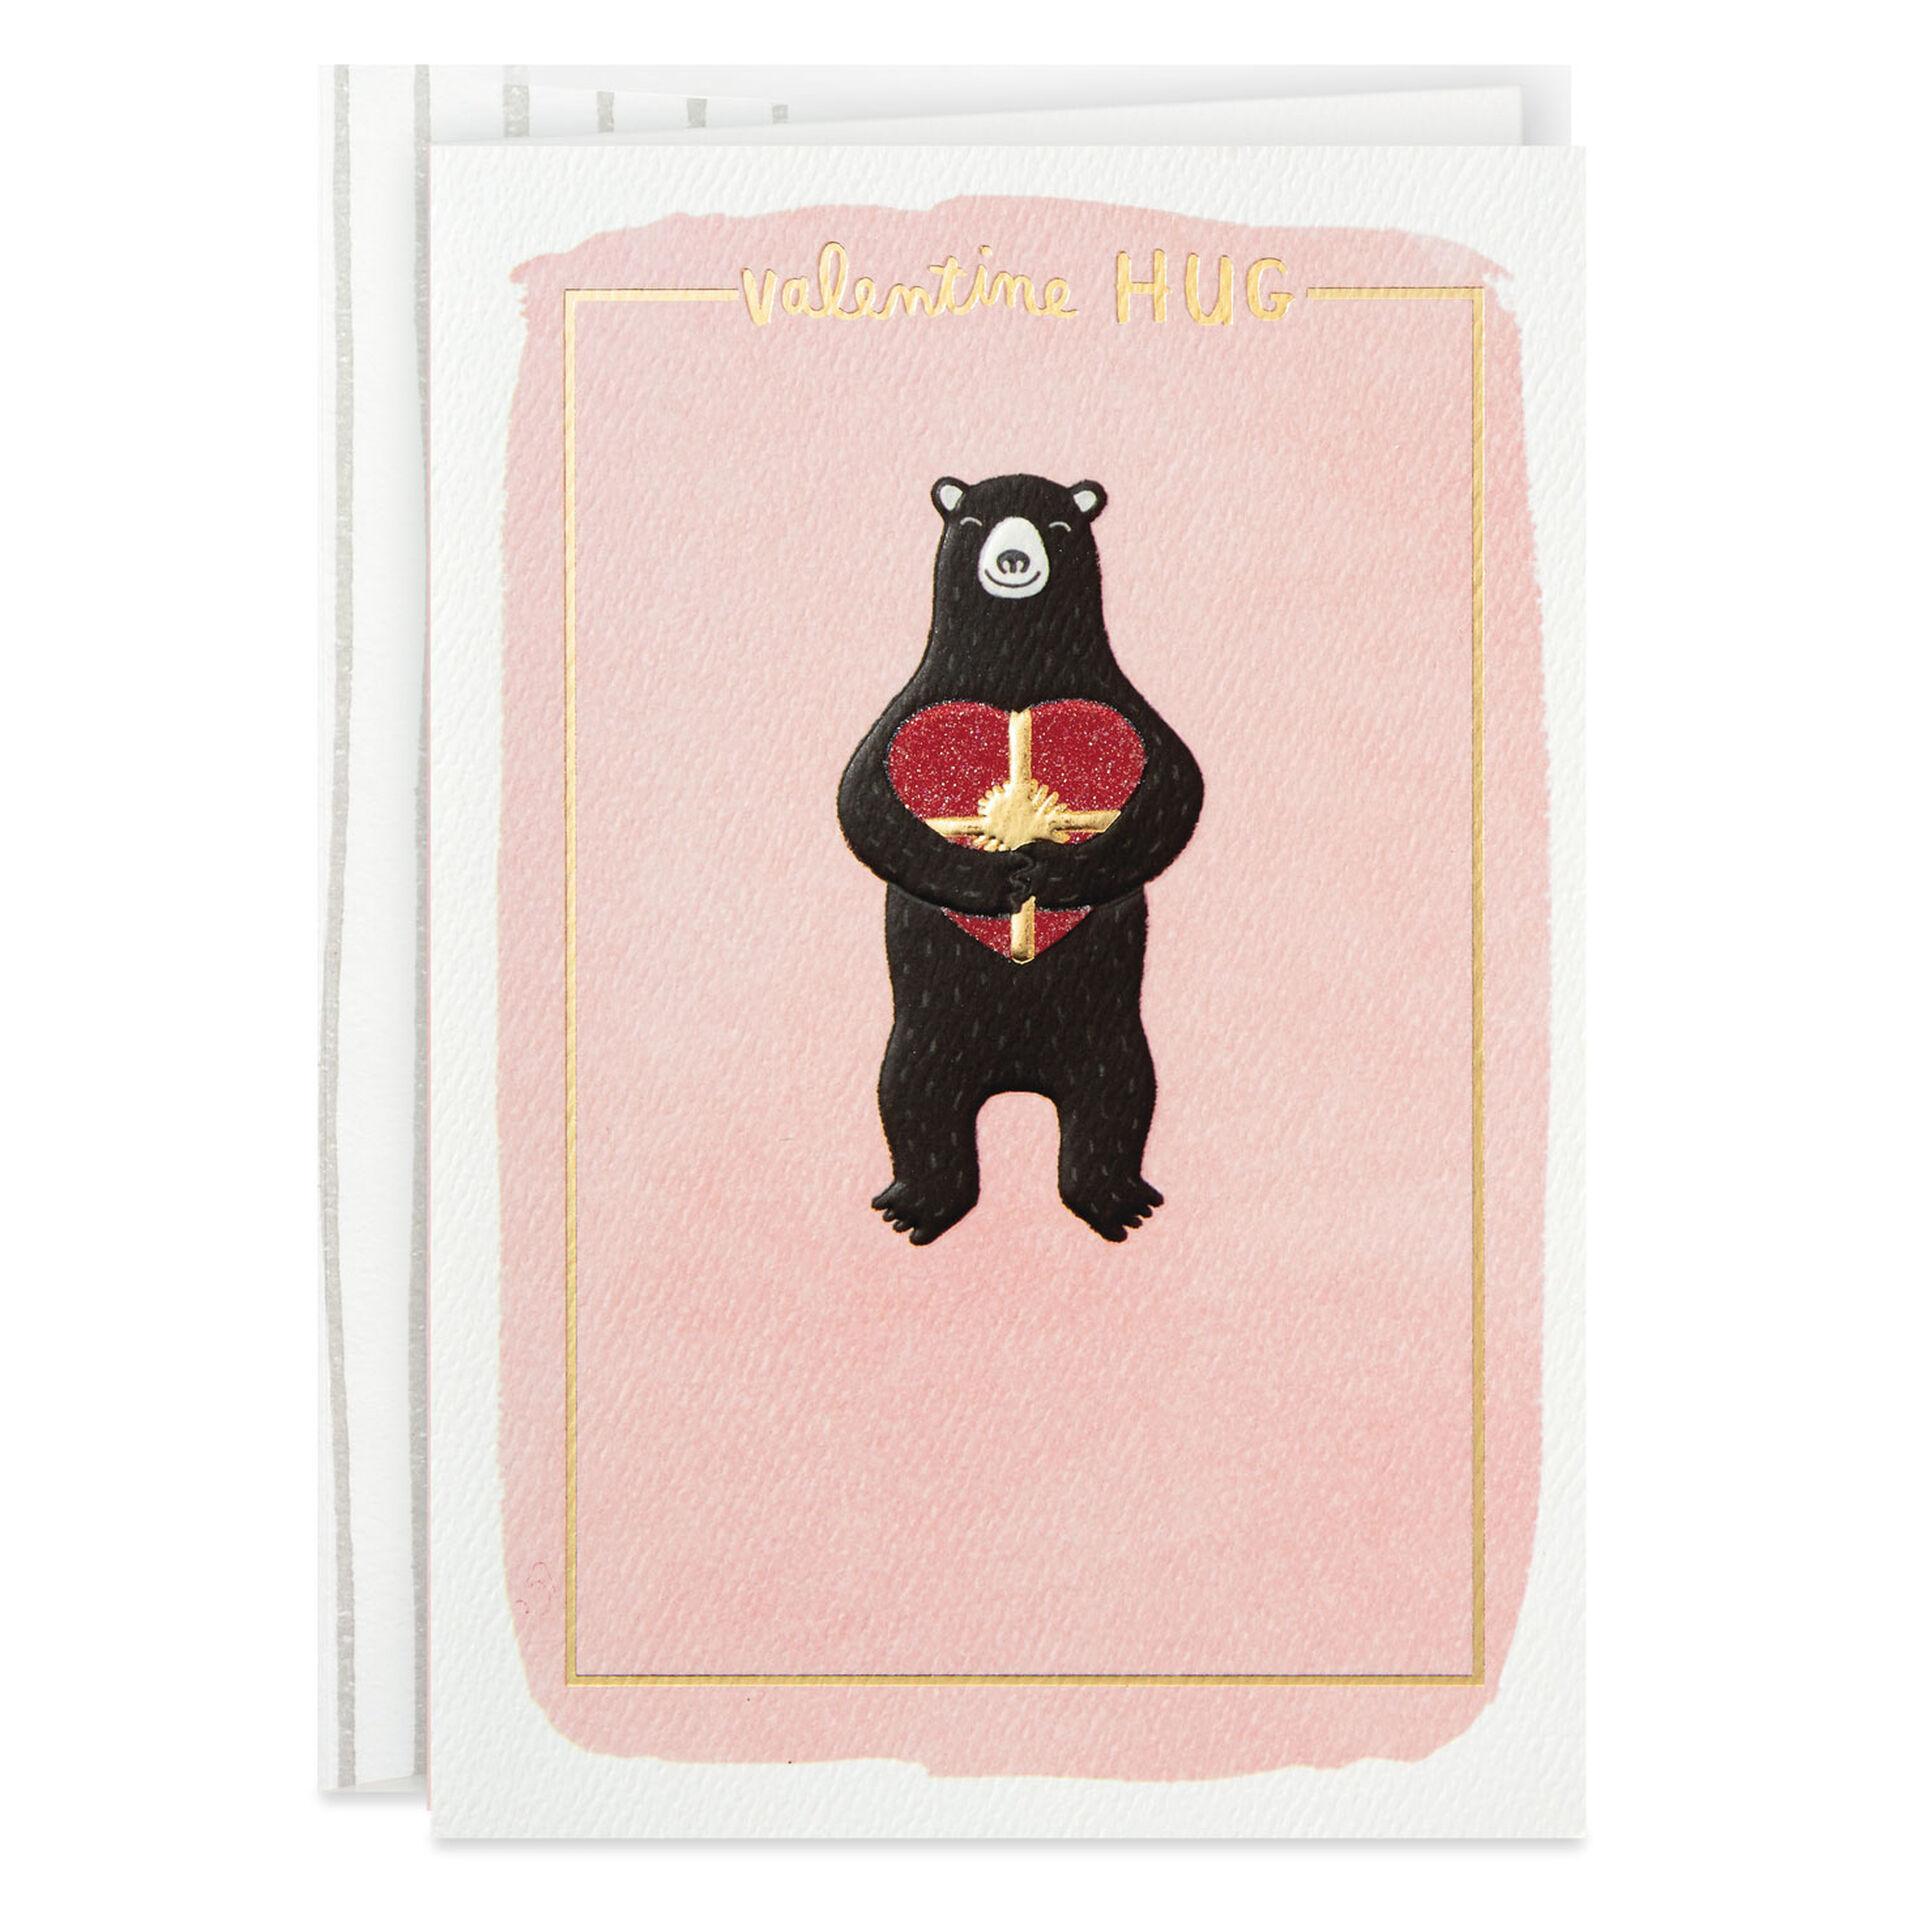 Cuddling Bears Personalised Valentines Greetings Card